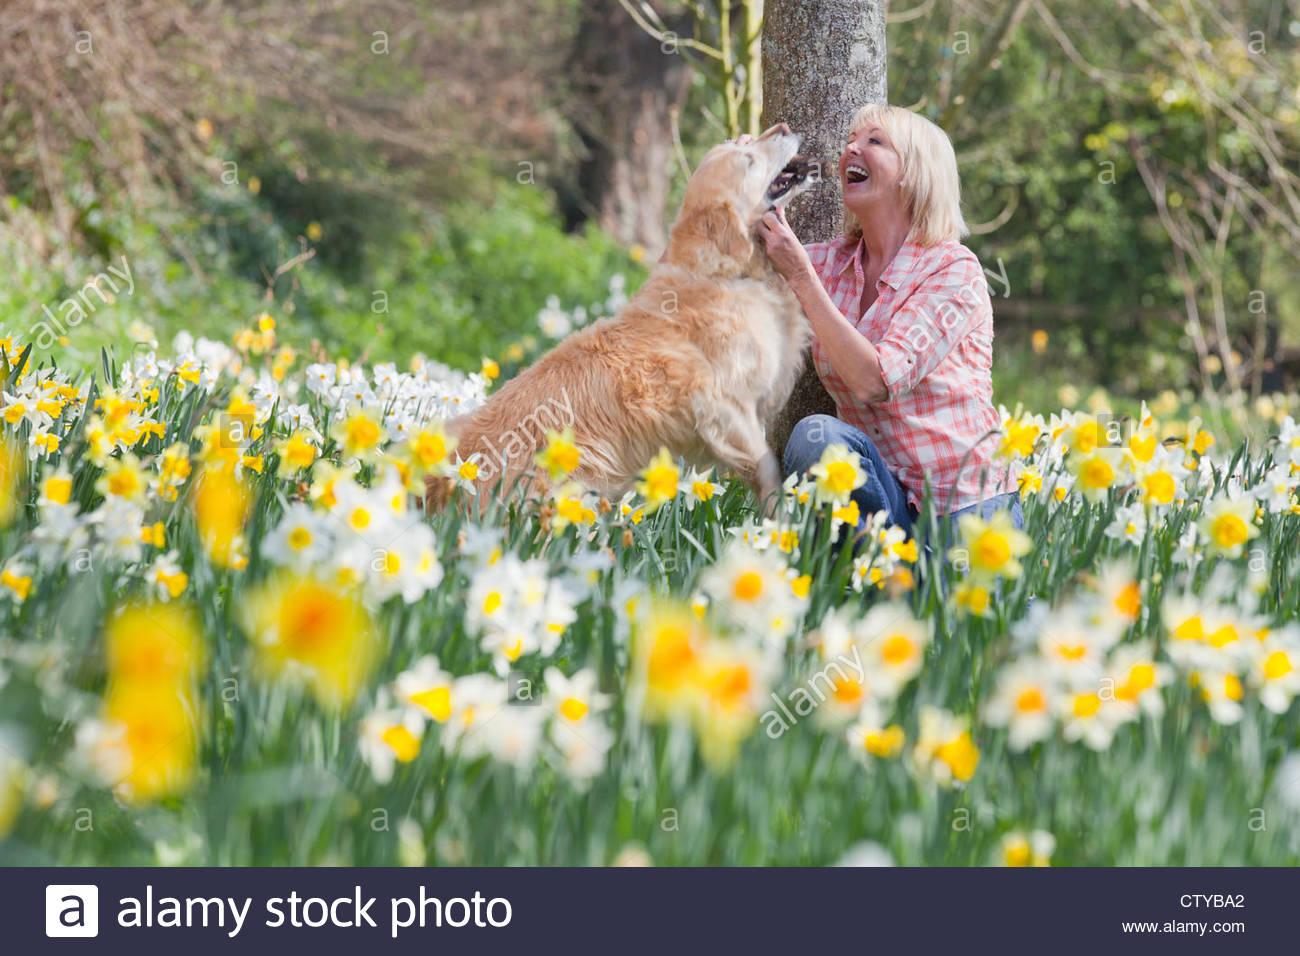 Glückliche Frau mit Hund im sonnigen Narzissen Feld spielen Stockbild